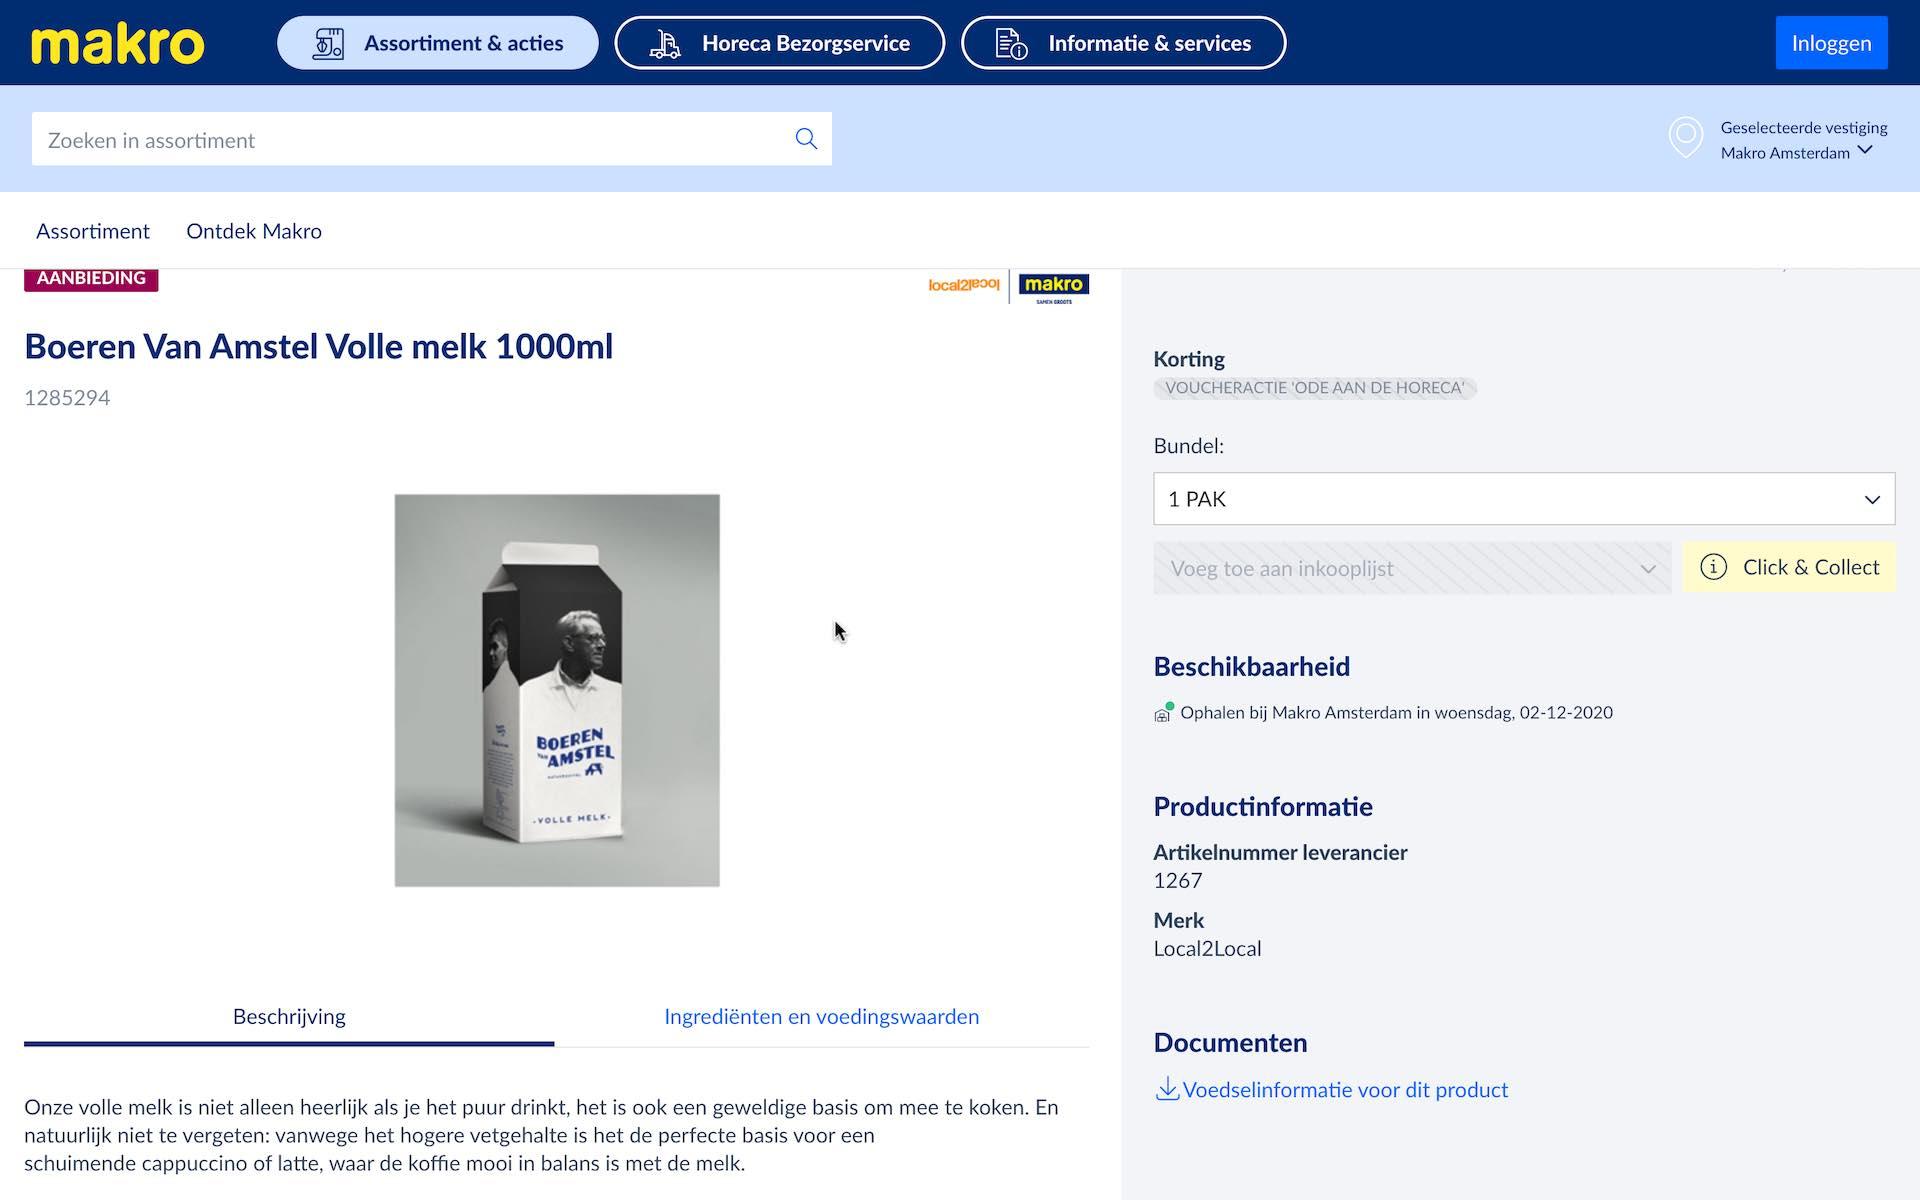 Makro Nederland